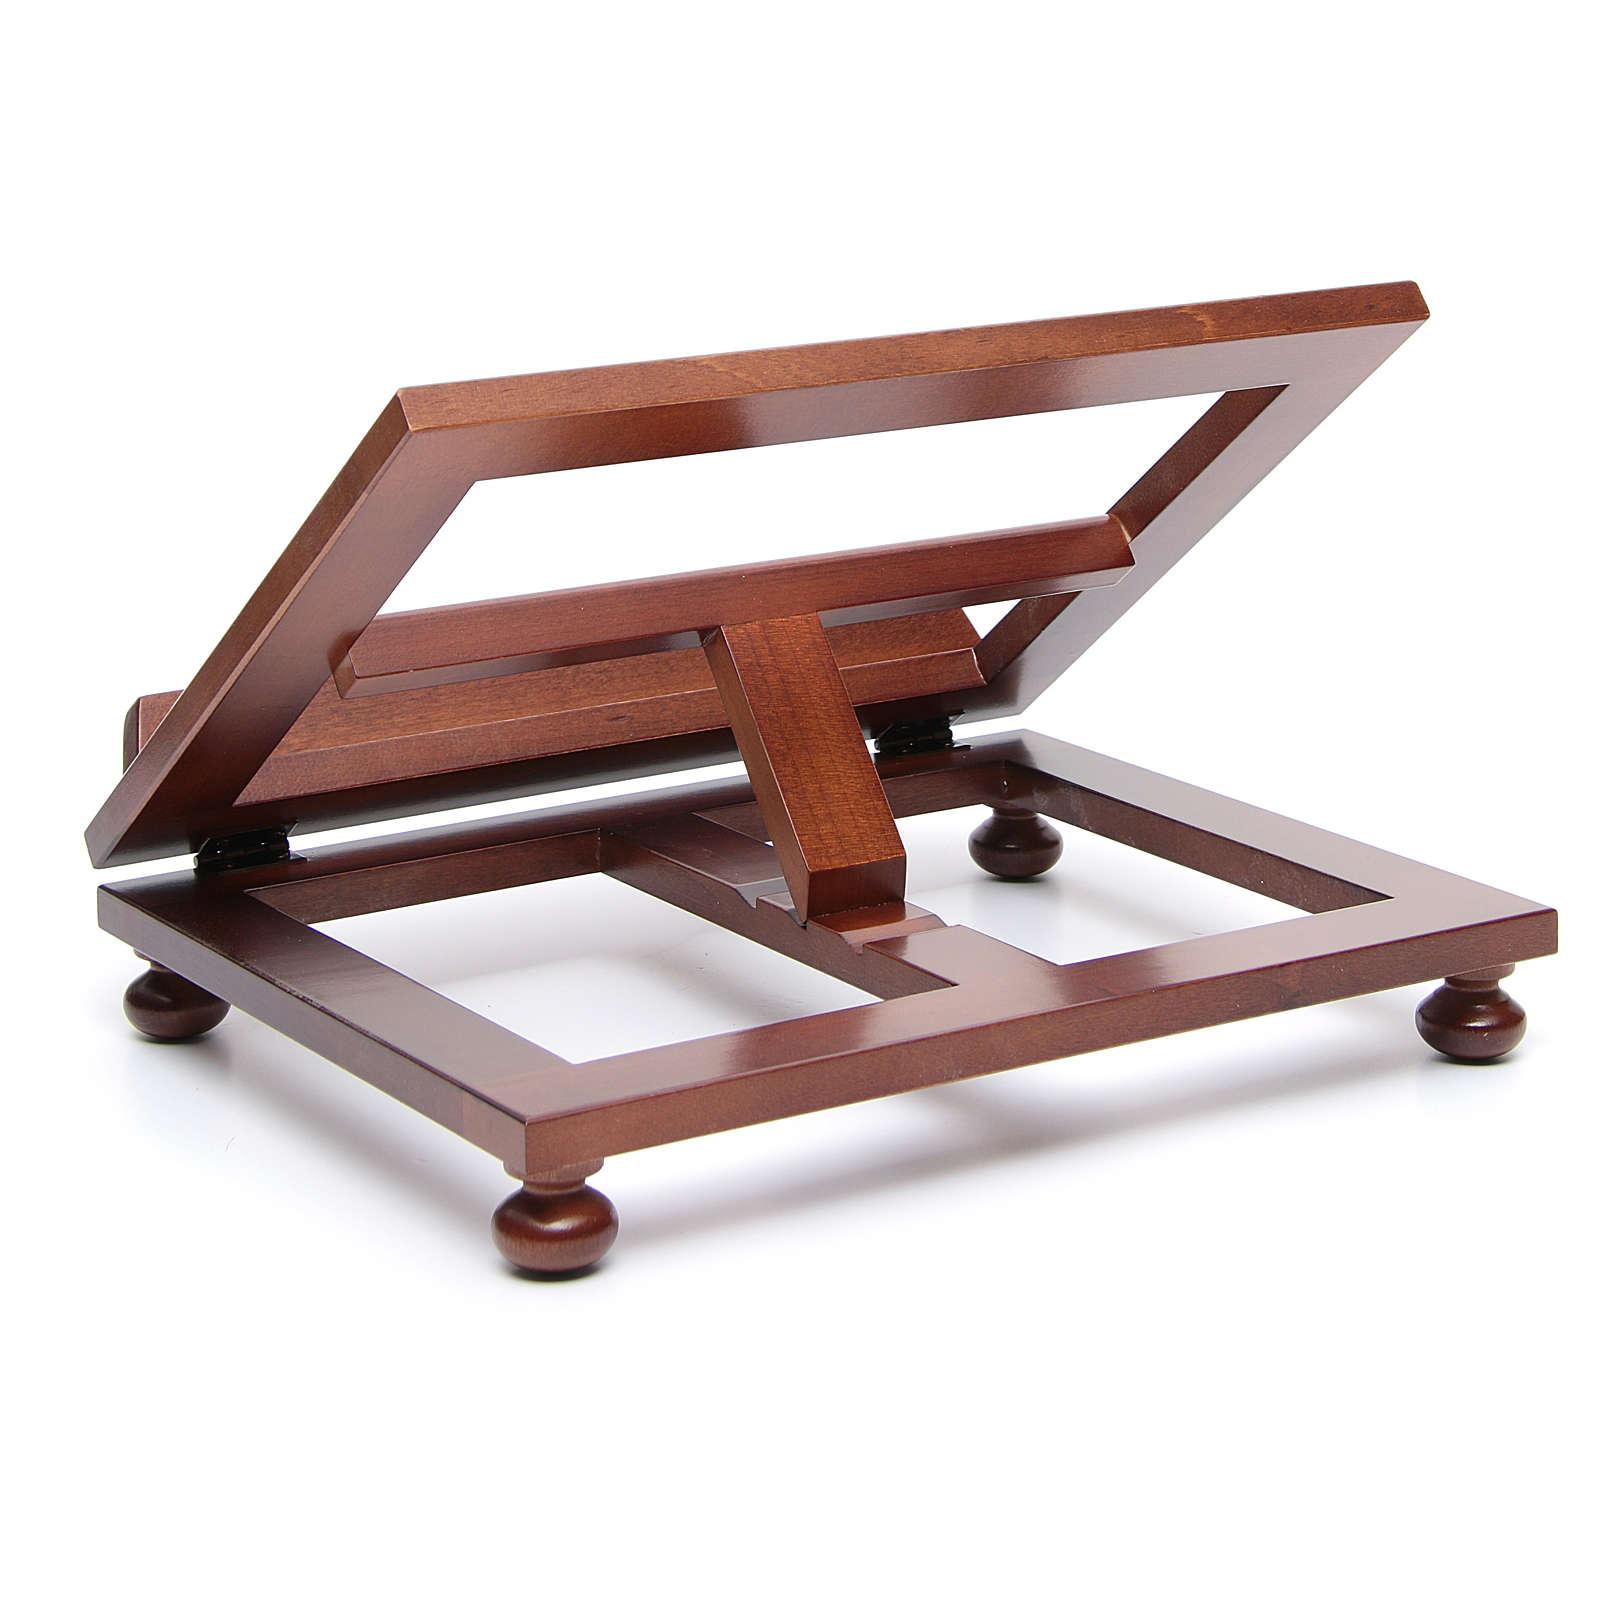 Leggio da tavolo legno noce 35x28 cm | vendita online su HOLYART